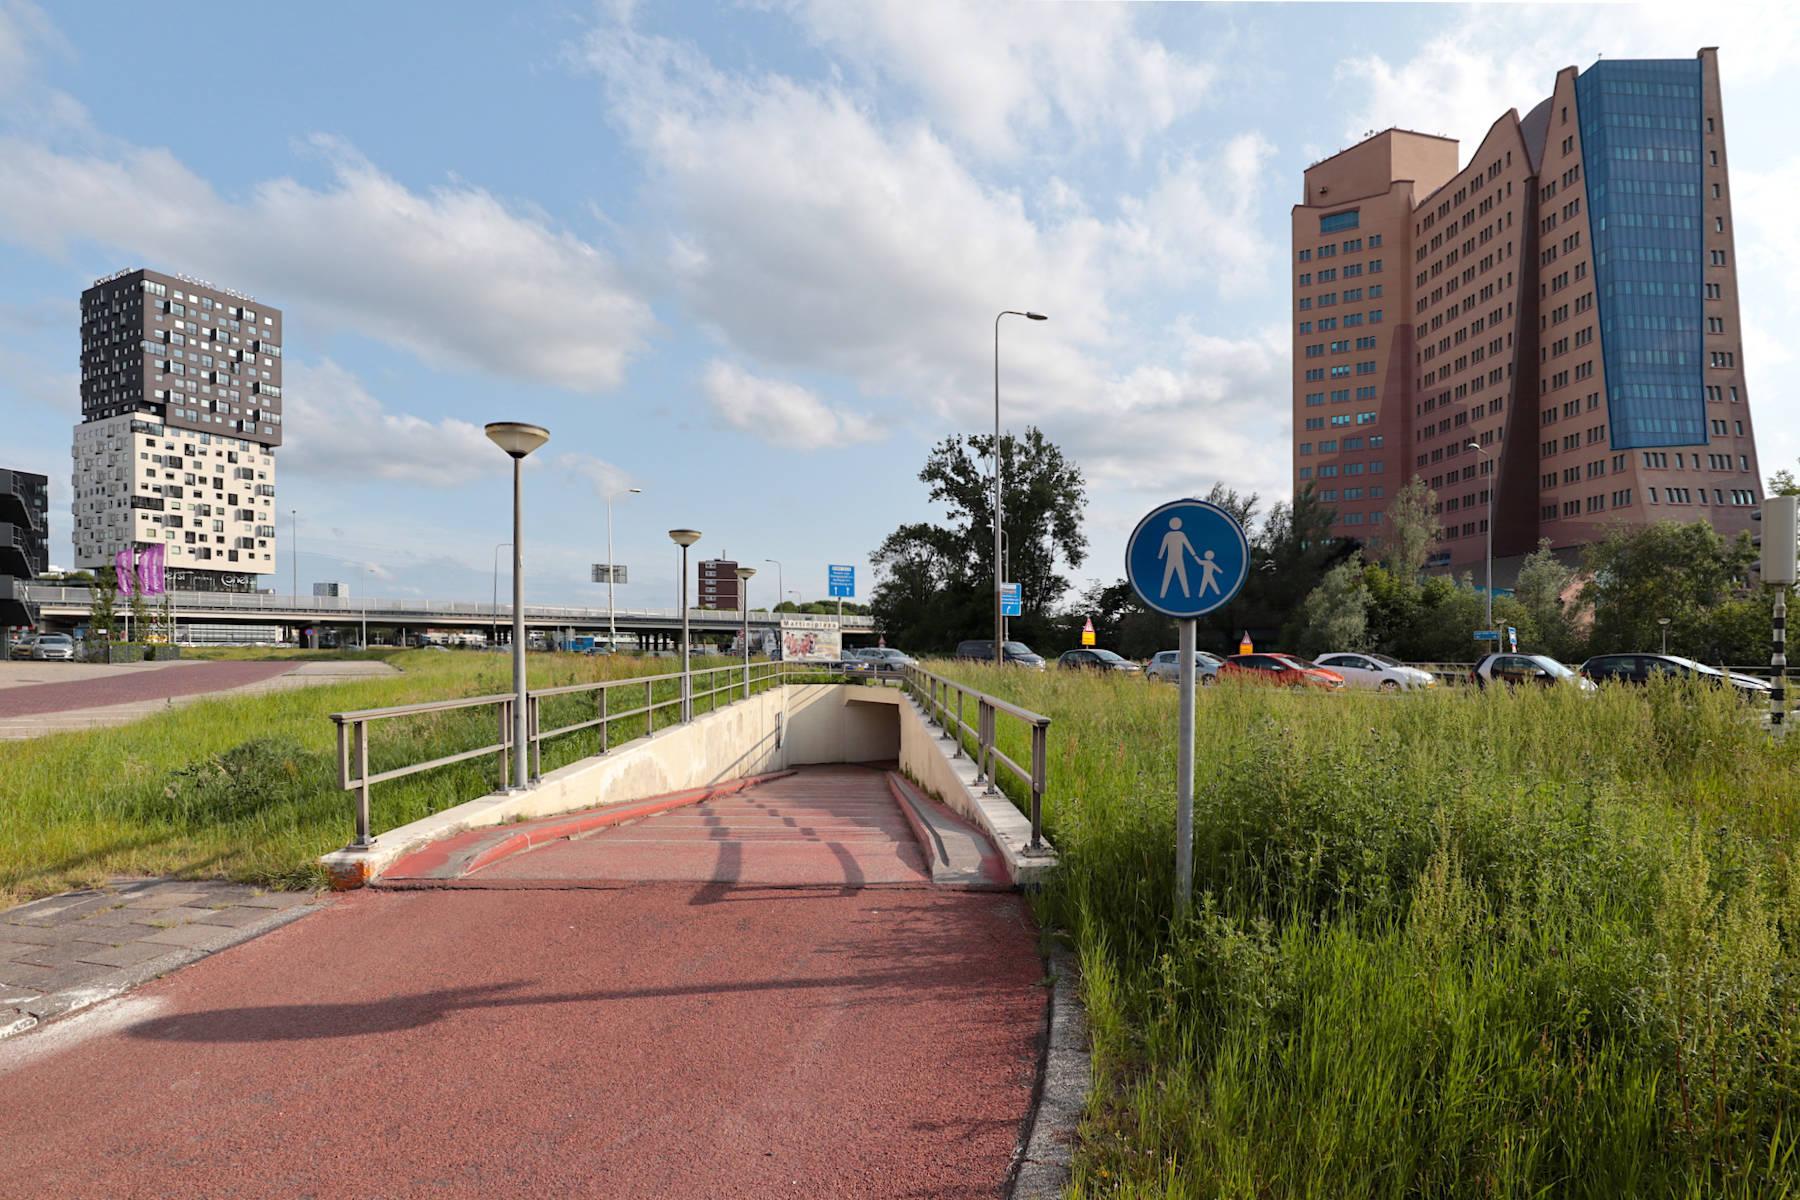 """Gasunie. Alberts & Van Huut, 1994. 18 Stockwerke und 89 Meter hoch: eines der bekanntesten Gebäude Groningens und lange das zweithöchste der Stadt (abgelöst durch Kempkensberg, das neue Finanzamt von UN). Königin Beatrix eröffnete das Hauptquartier von Gasunie, das die Architekten als """"organisches Gebäude"""" beschreiben. Links: """"La Liberté"""" von Dominique Perrault."""